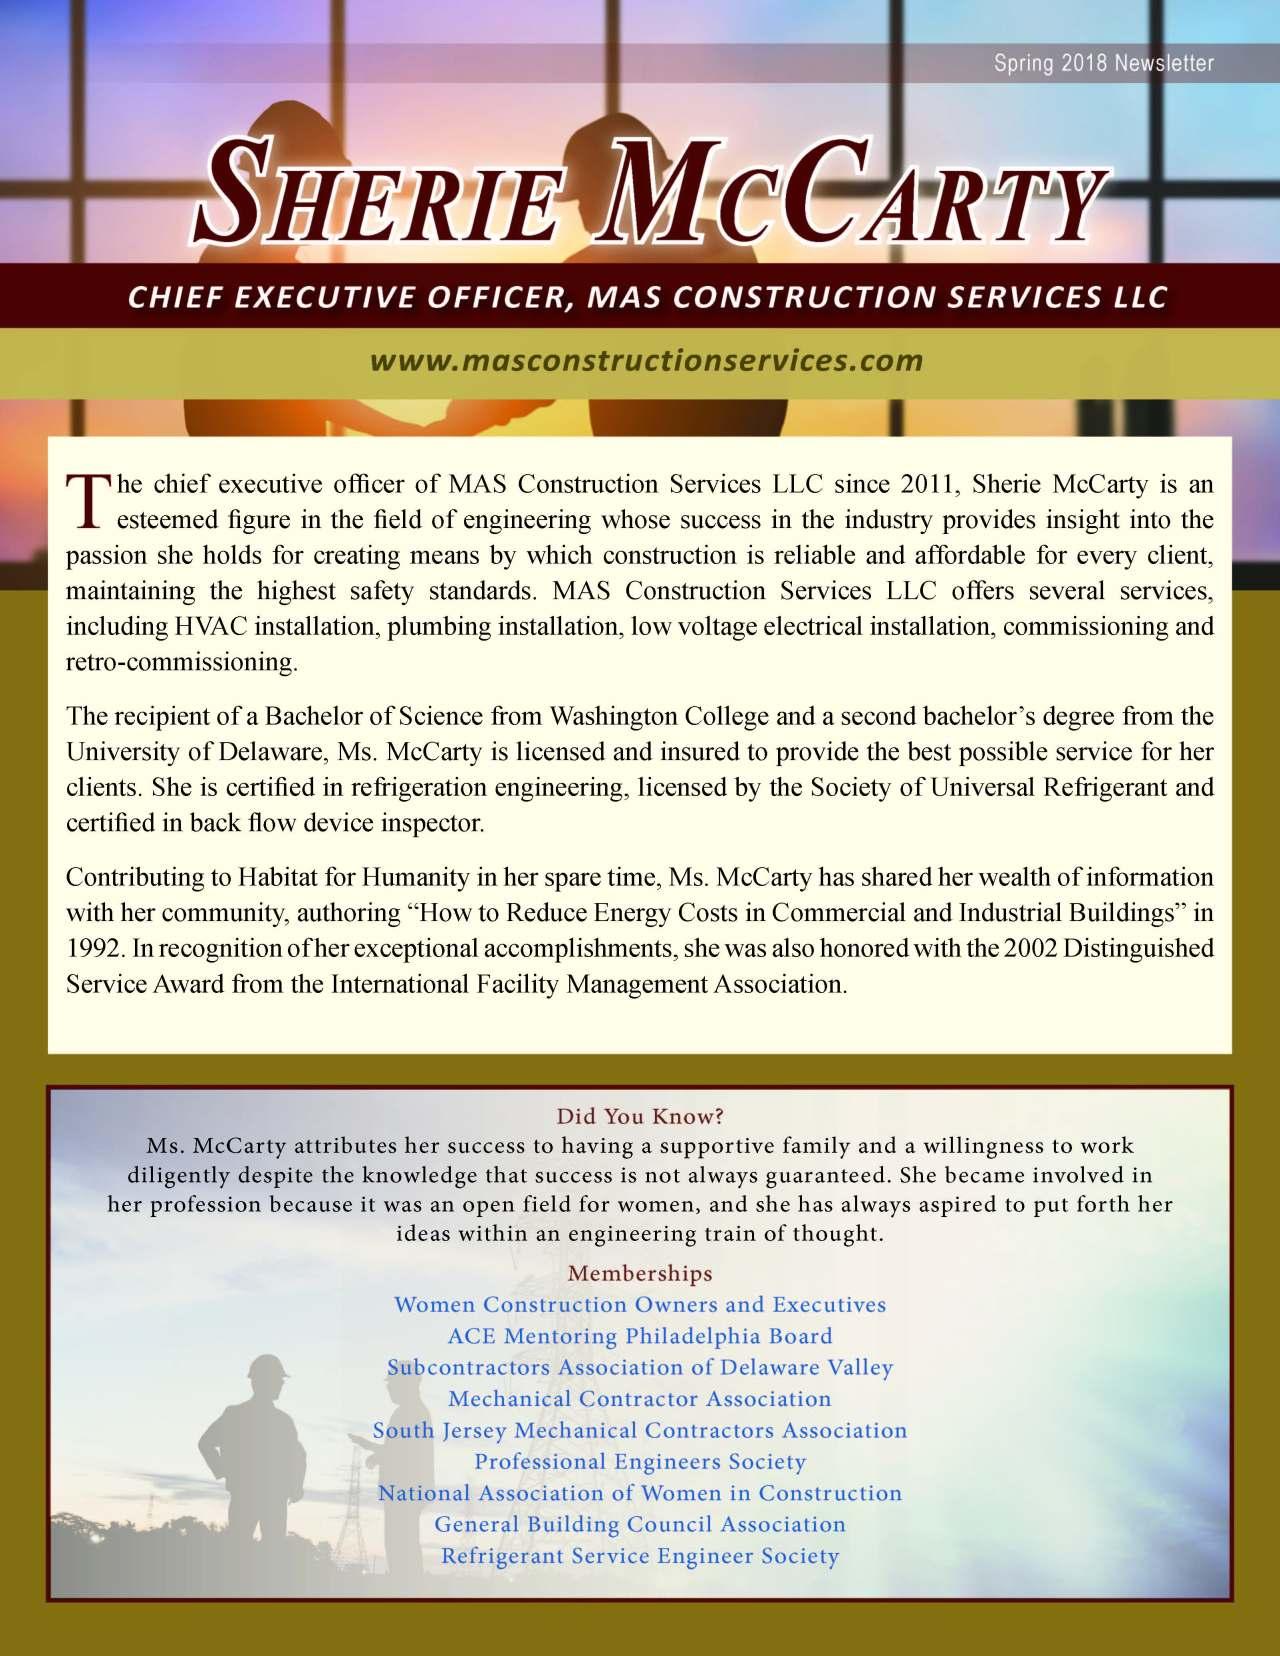 McCarty, Sherie 3678879_4003678879 Newsletter